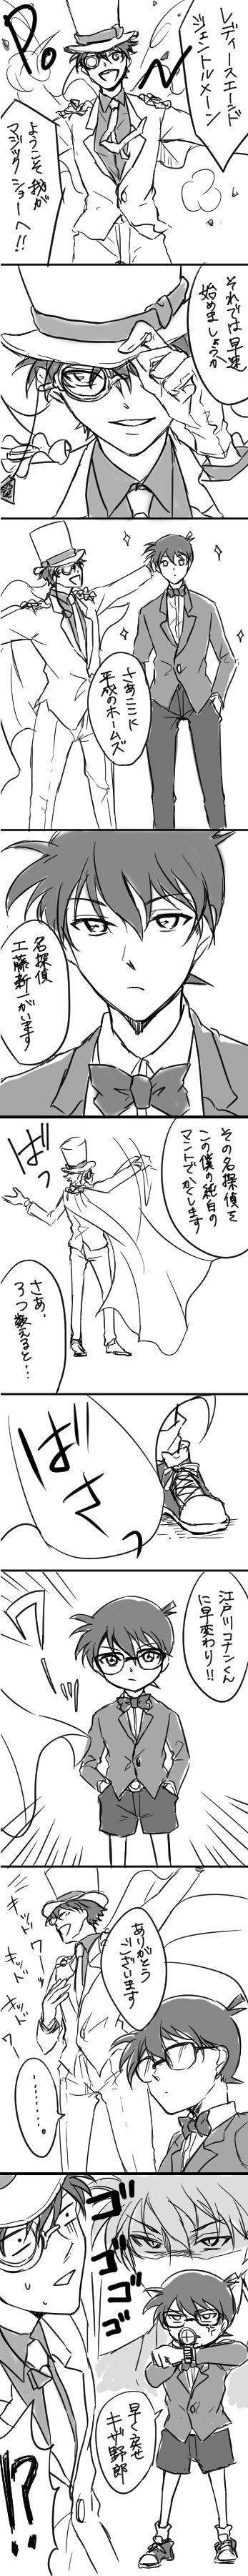 「ネタコナン」/「にらたま」の漫画 [pixiv]